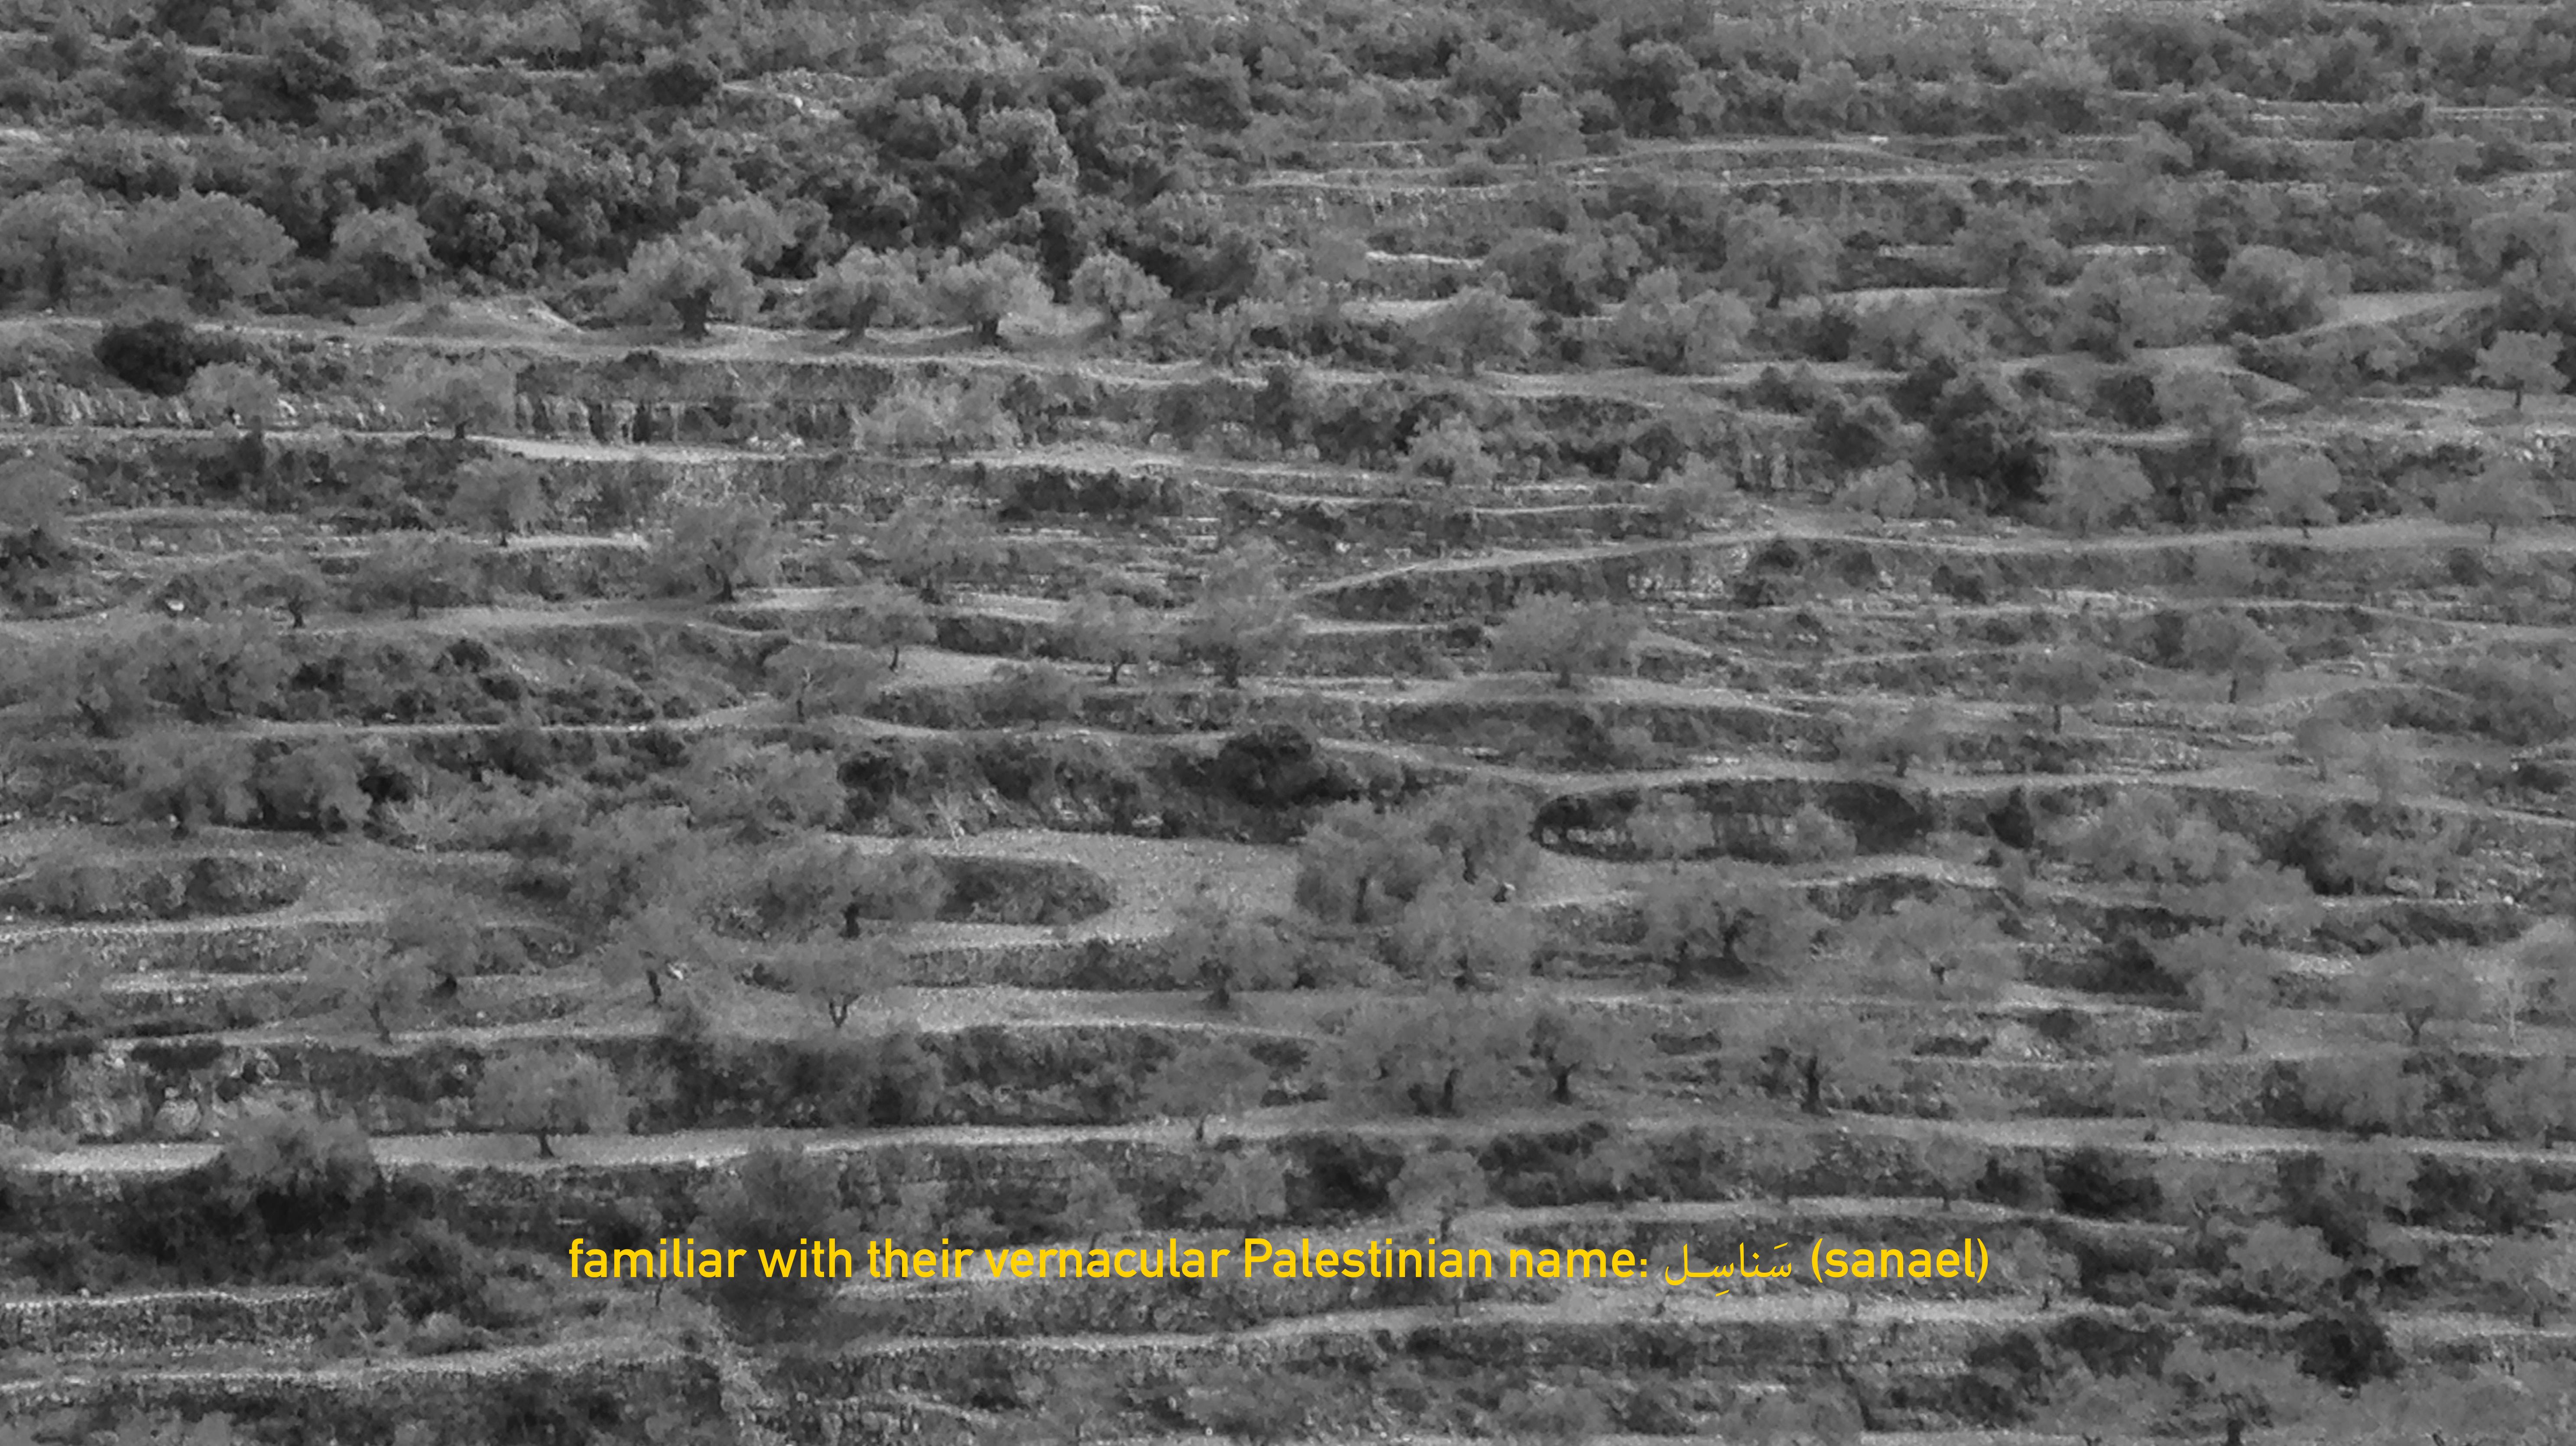 Video Still: Wild Plants of Palestine